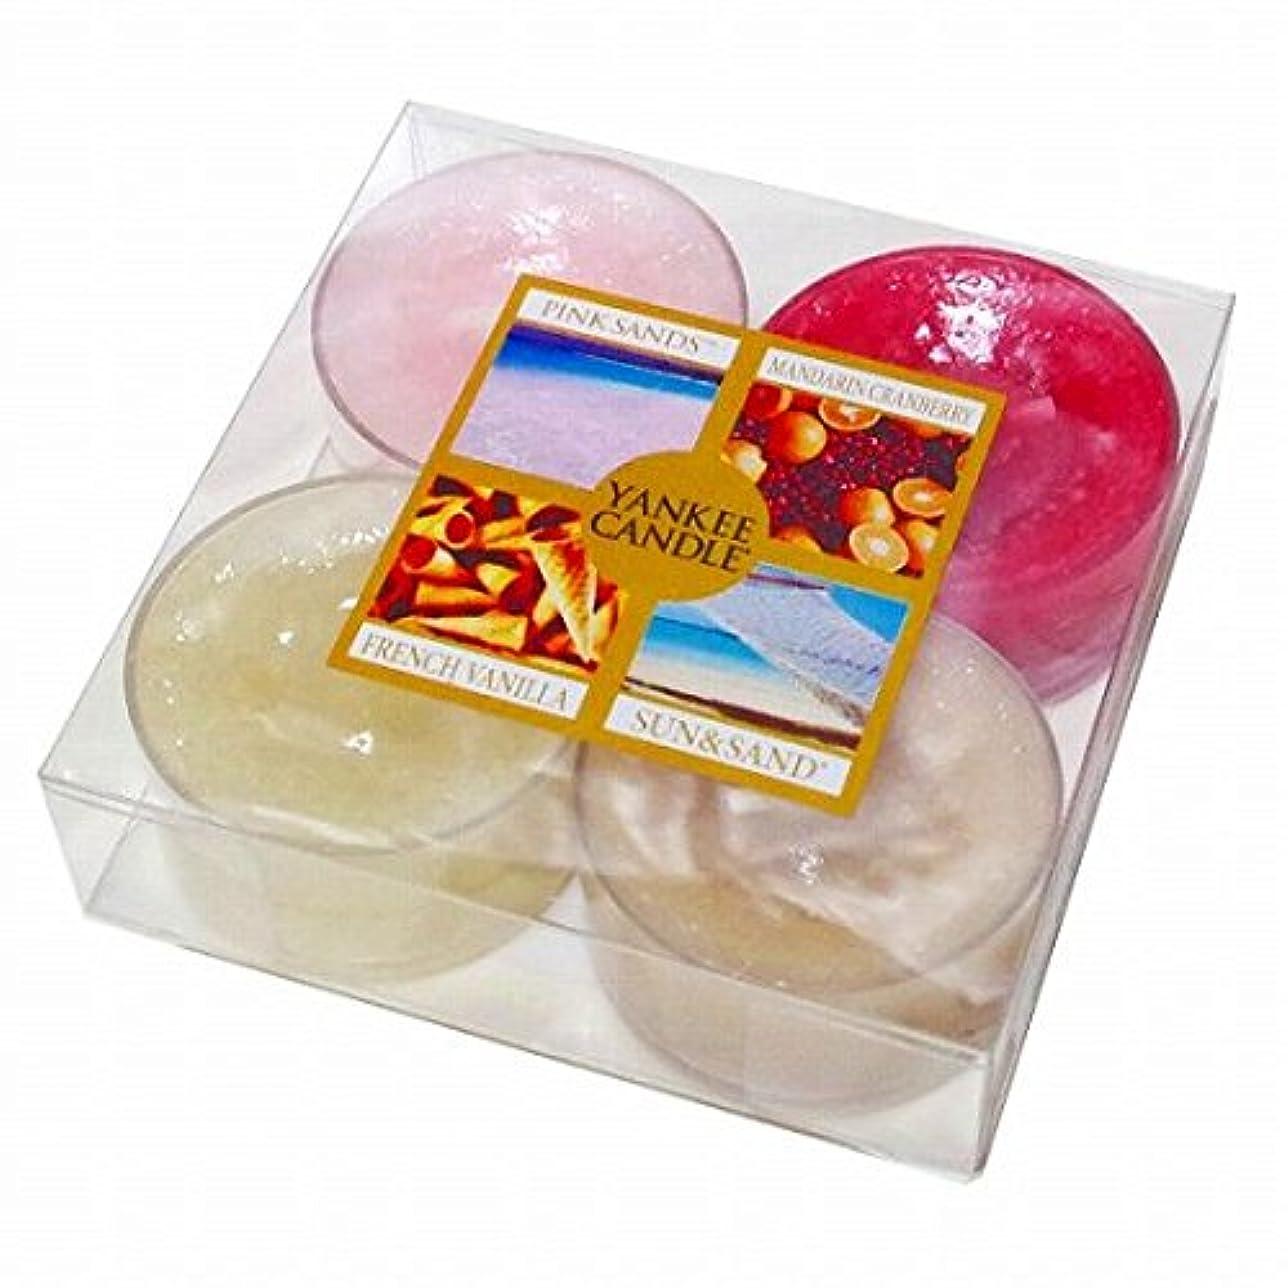 ブレース付録アドバイスカメヤマキャンドル(kameyama candle) YANKEE CANDLE クリアカップティーライト4個入り アソート 「 スイート 」